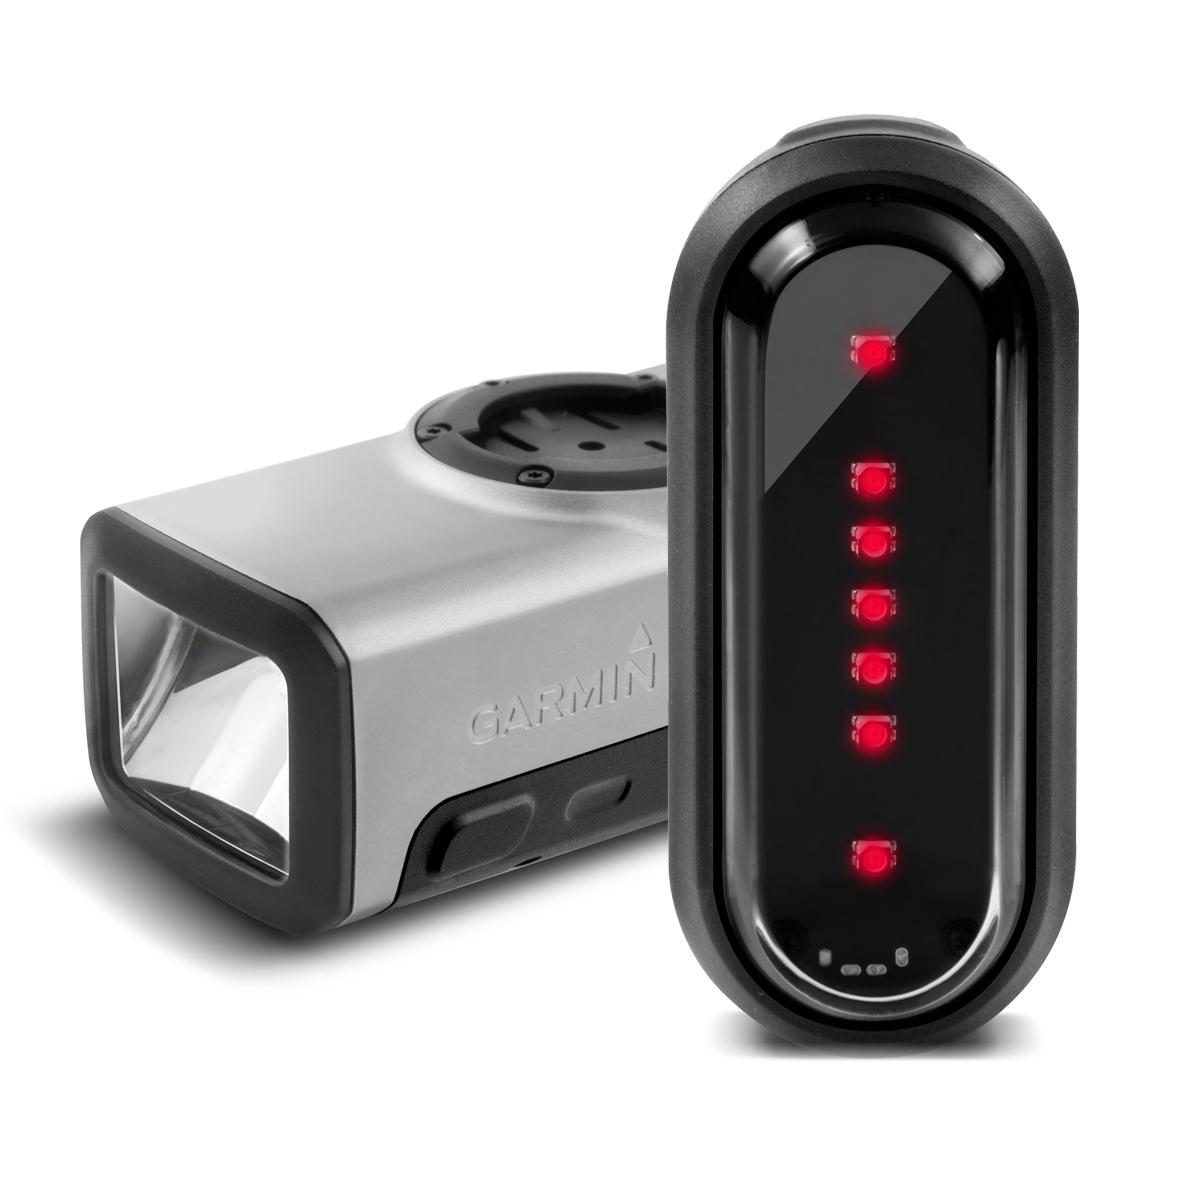 Комплект умных фонарей Garmin Varia HL 500 +TL 300. 010-01419-00010-01419-00Когда речь заходит о велопрогулках в ночное время, выбор правильных аксессуаров играет архиважную роль. Вместе с покупкой умноговелокомпьютера необходимо позаботиться и о фонарях, которые будут освещать ваш путь. Varia Smart Bike Lights - комплект велофонарей,которые пользуются огромной популярностью среди опытных спортсменов-велосипедистов, в первую очередь, благодаря своему функционалу.После синхронизации с велокомпьютером, Varia Smart Bike Lights регулируют направление и интенсивность света в зависимости от условийосвещенности, а также от вашей скорости, направляя световой поток туда, куда необходимо. А благодаря наличию умного сенсора при работе впаре с велокомпьютерами класса EDGE 1000, Varia Smart Bike Lights автоматически изменяют направление светового потока, препятствуя темсамым ослеплению встречных водителей.-Автономная работа, простота в управлении и синхронизация с велокомпьютерами семейства Edge1000.-Автоматическое изменение направления и интенсивности светового луча в зависимости от скорости велосипеда.-При синхронизации со светочувствительным сенсором компьютера EDGE1000 Varia Smart Bike Lights могут изменять яркость работы взависимости от интенсивности освещения. -Простота и удобство управления: корректировка, включение и выключение фонарей может осуществляться как непосредственно с устройства,так и дистанционно, при помощи входящего в комплект пульта.-Используя два задних фонаря, вы можете указывать направление поворота во время движения. Гид по велоаксессуарам. Статья OZON Гид